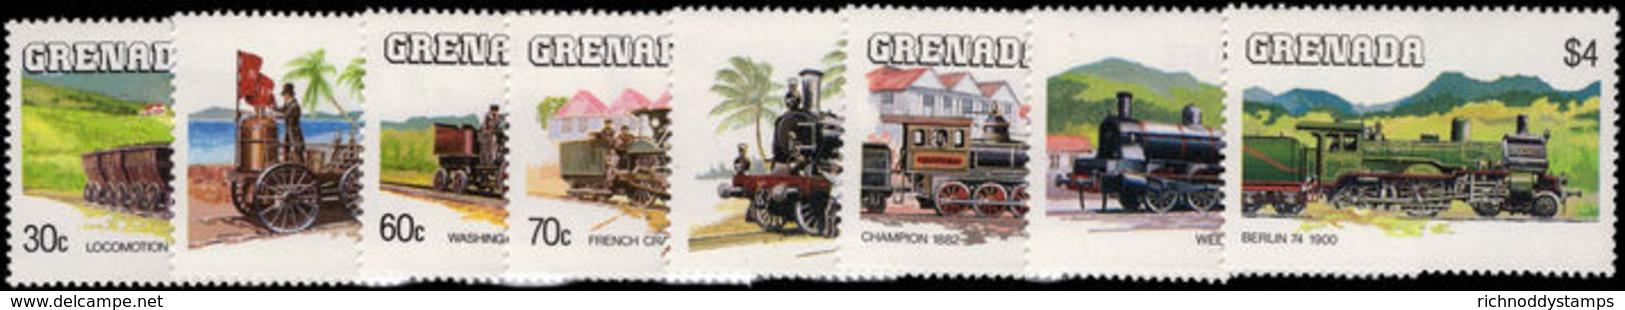 Grenada 1984 Railway Locomotives Unmounted Mint. - Grenada (1974-...)